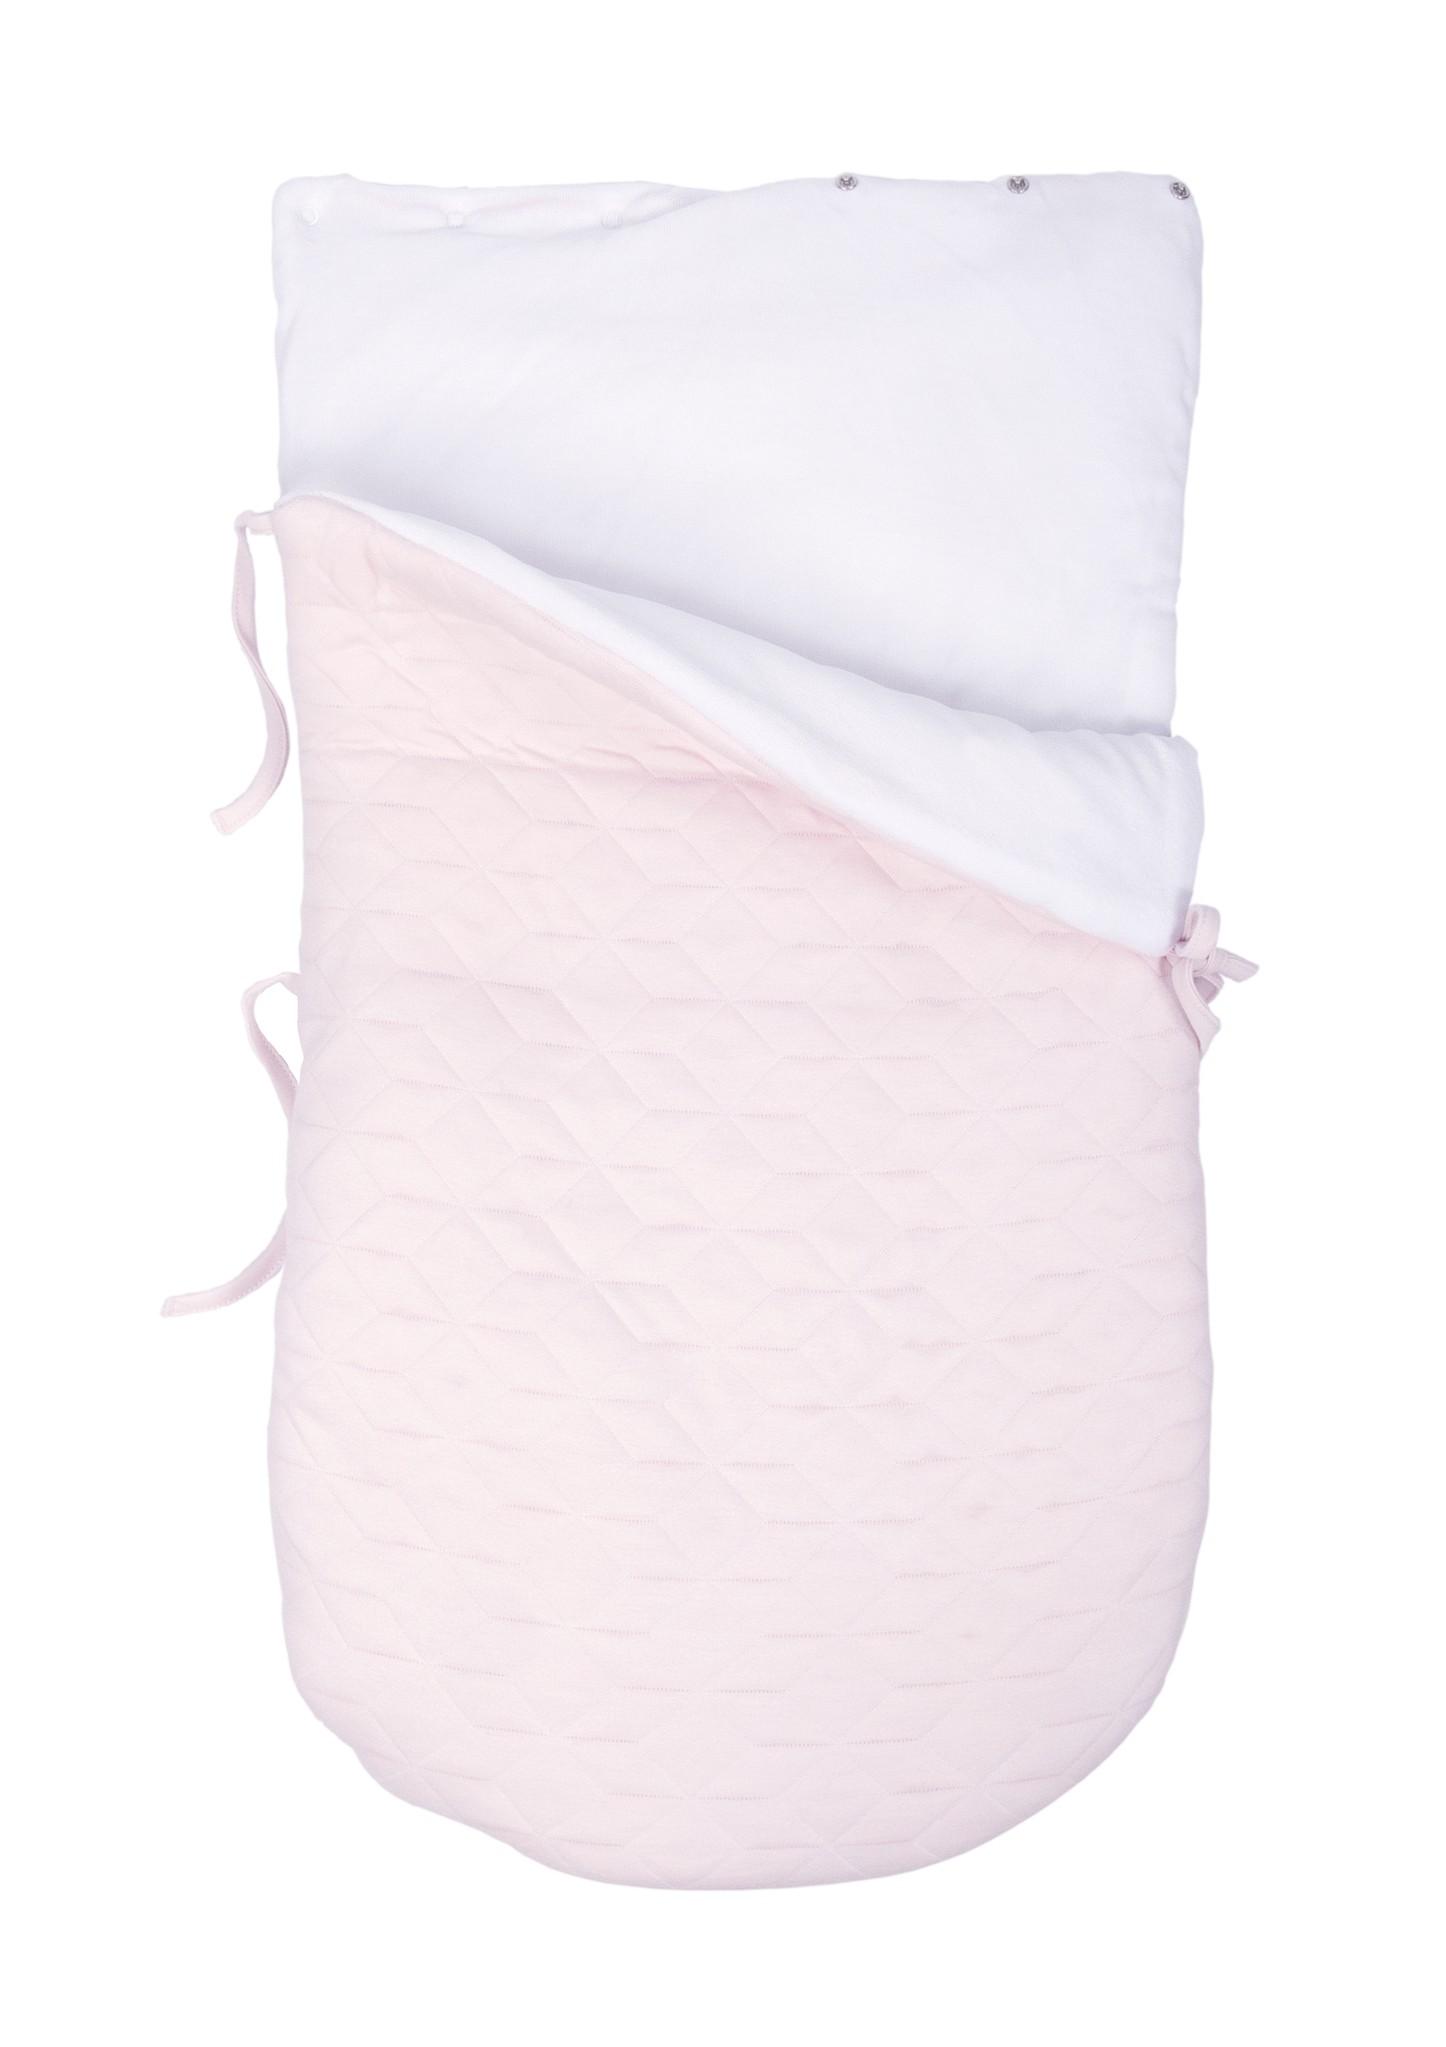 Voetenzak Star Soft Pink-5